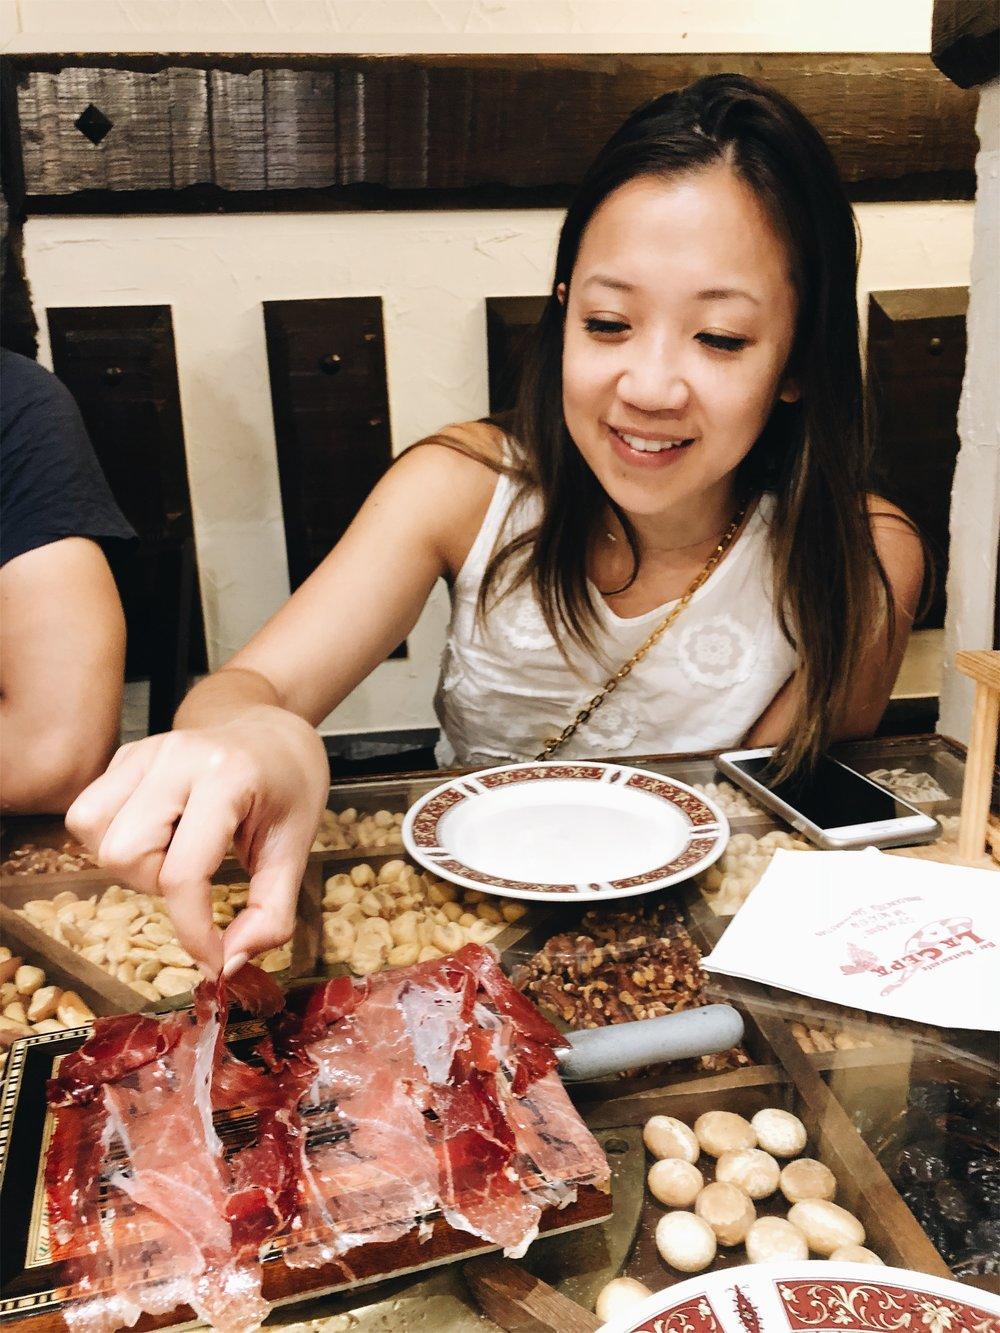 blogger's jamon platter at La Cepa San Sebastian